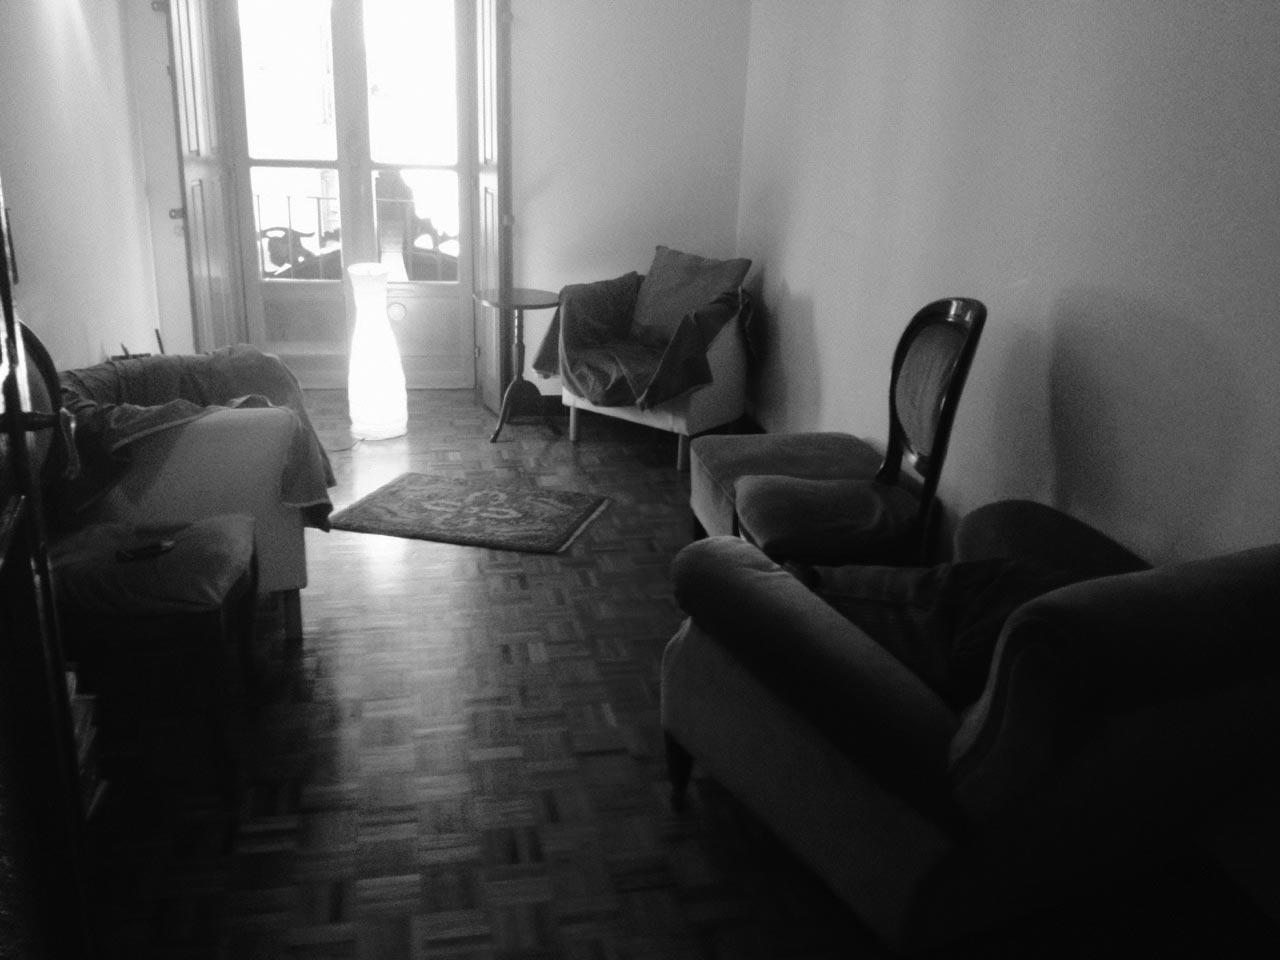 Studio di psicologia a Torino sala2